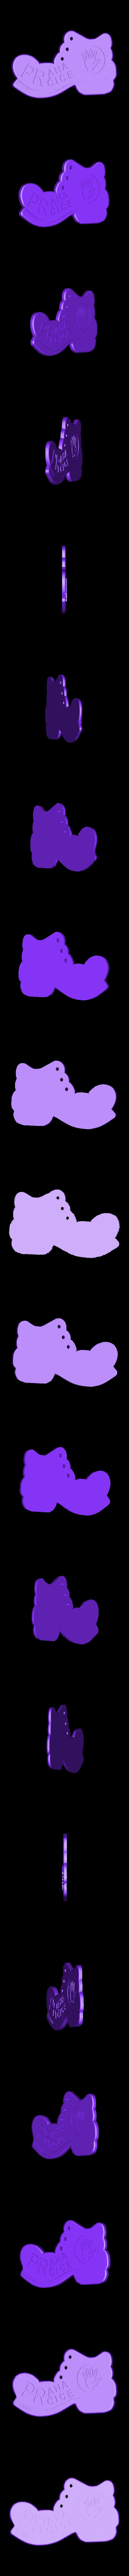 PPPhand.stl Télécharger fichier STL gratuit Botička / Chaussure (récompense du voyage de randonnée tchèque Praha - Prčice) • Design imprimable en 3D, tomast